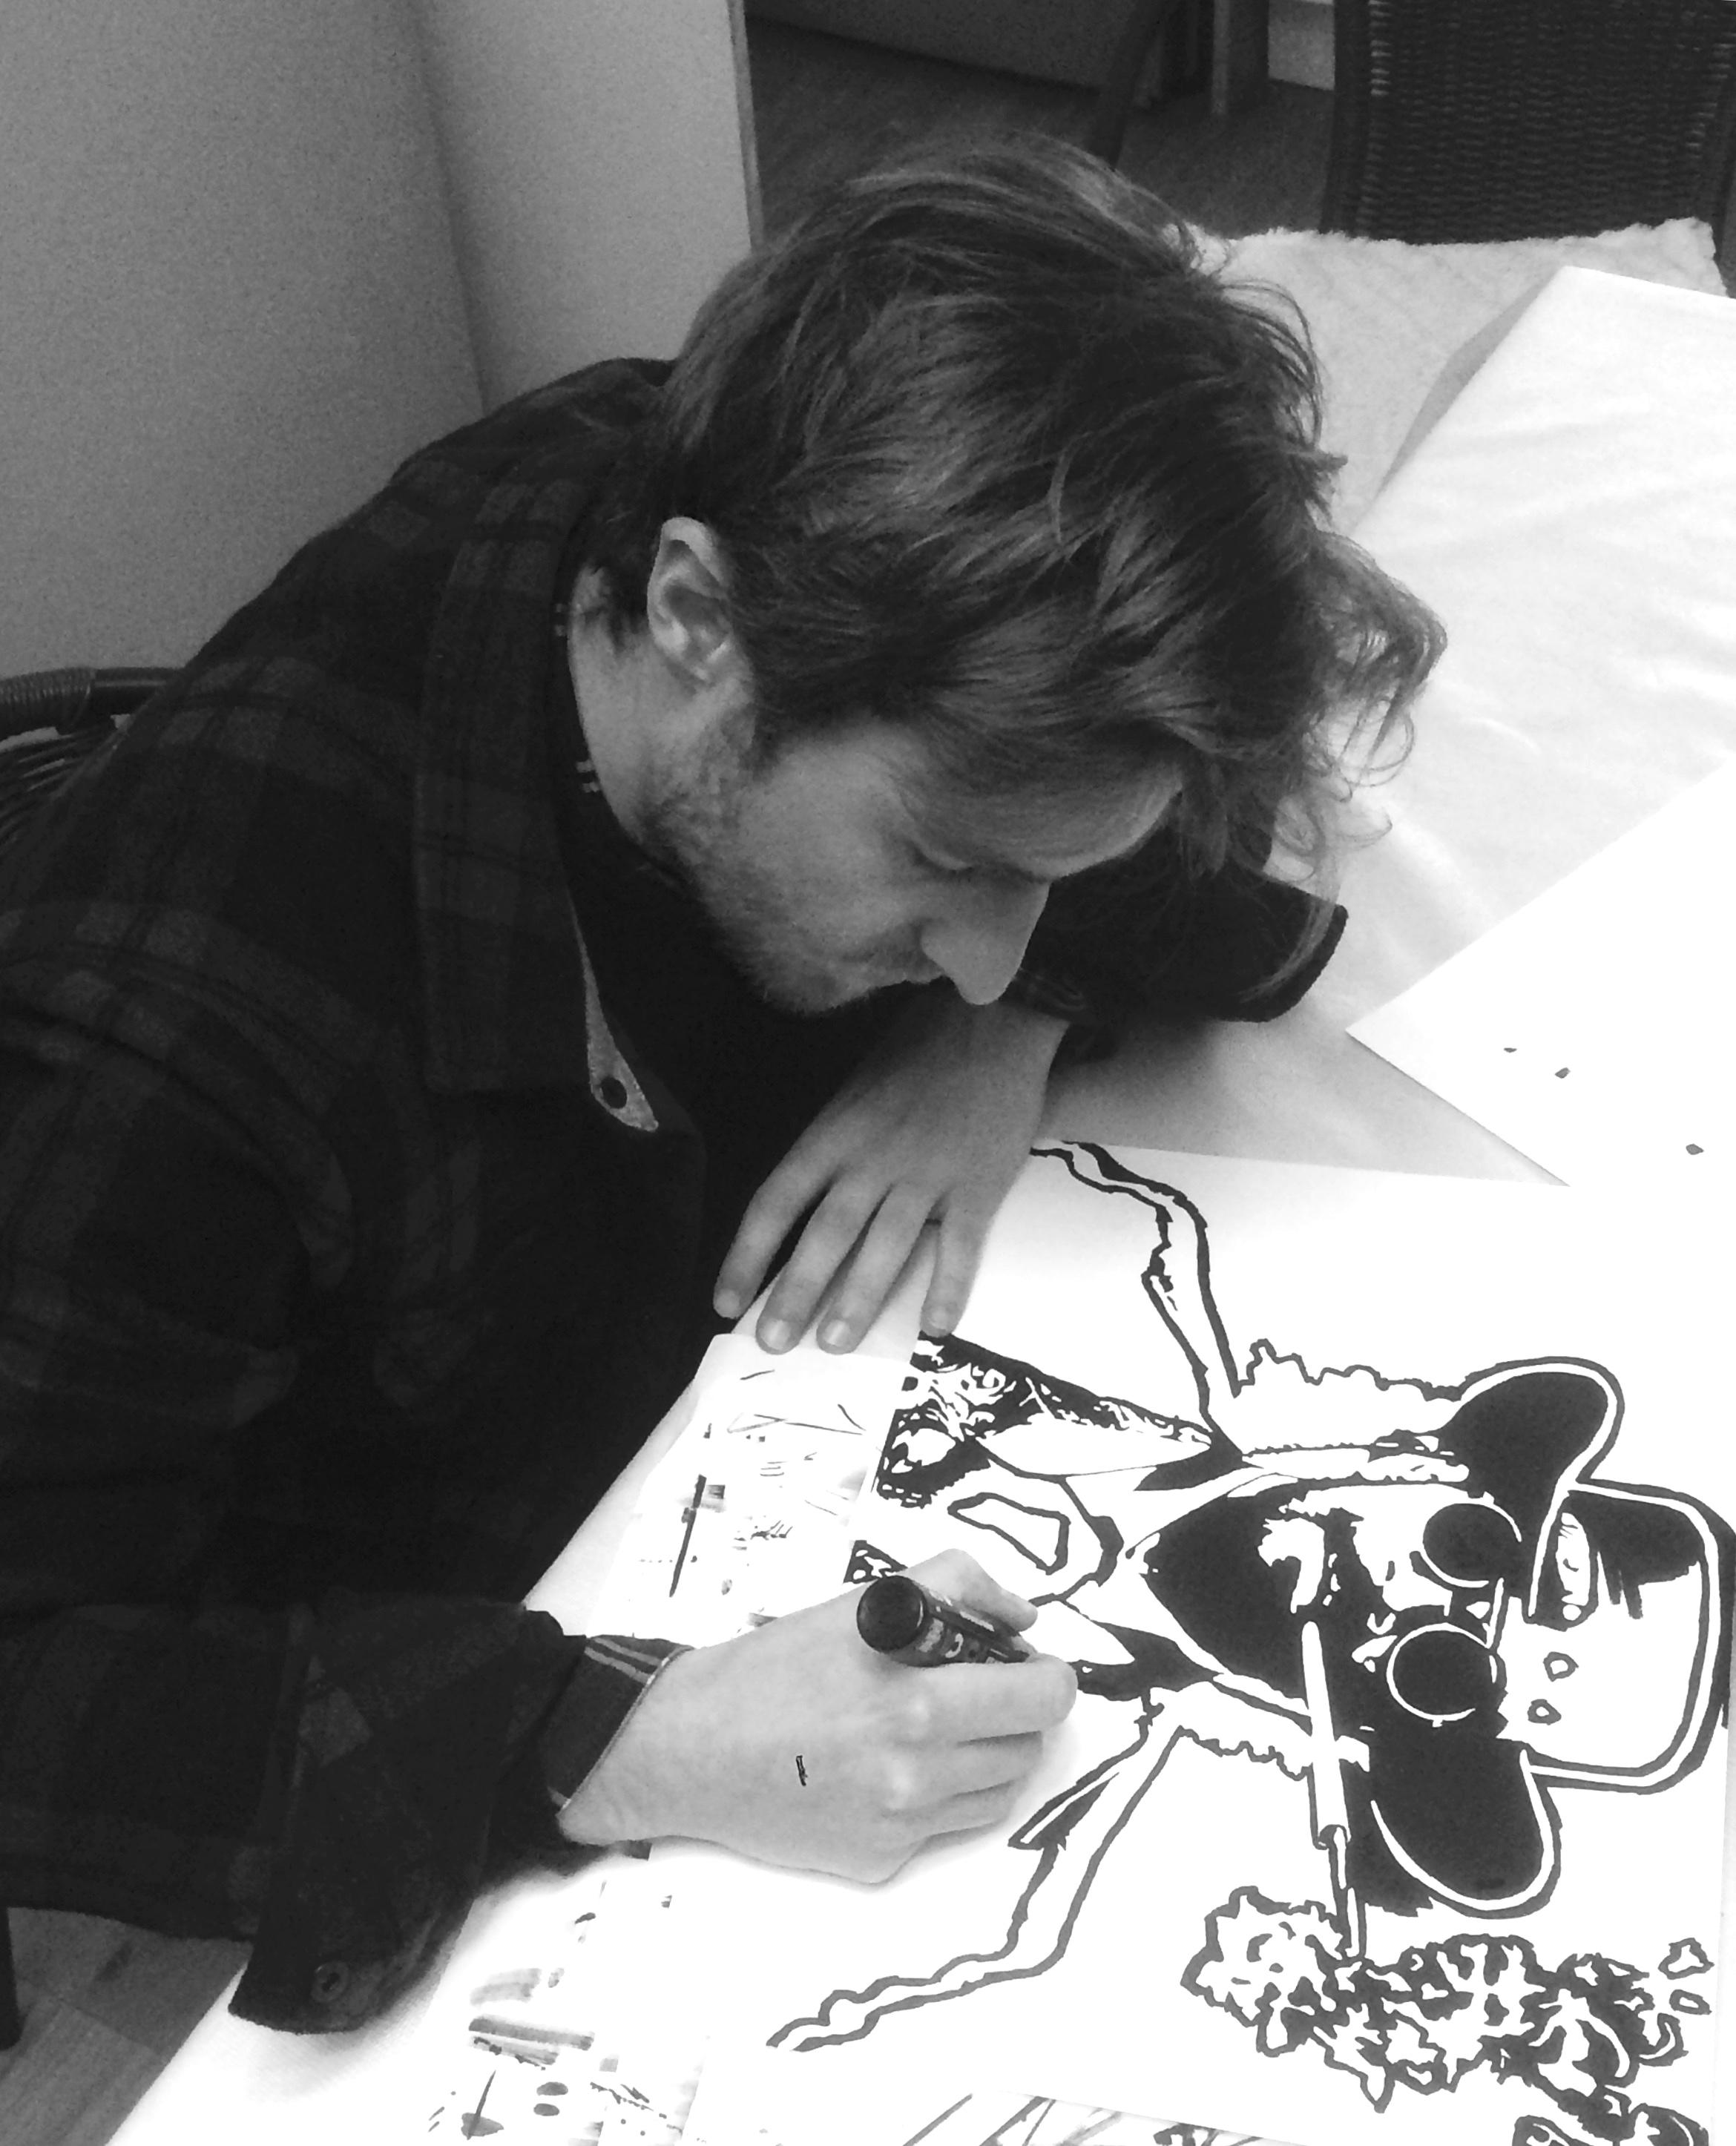 Les bons plans Bordeaux : Valentin Mauguet, artiste autodidacte bordelais en Afterwork Exposition au Veneto jeudi 19 avril 2018